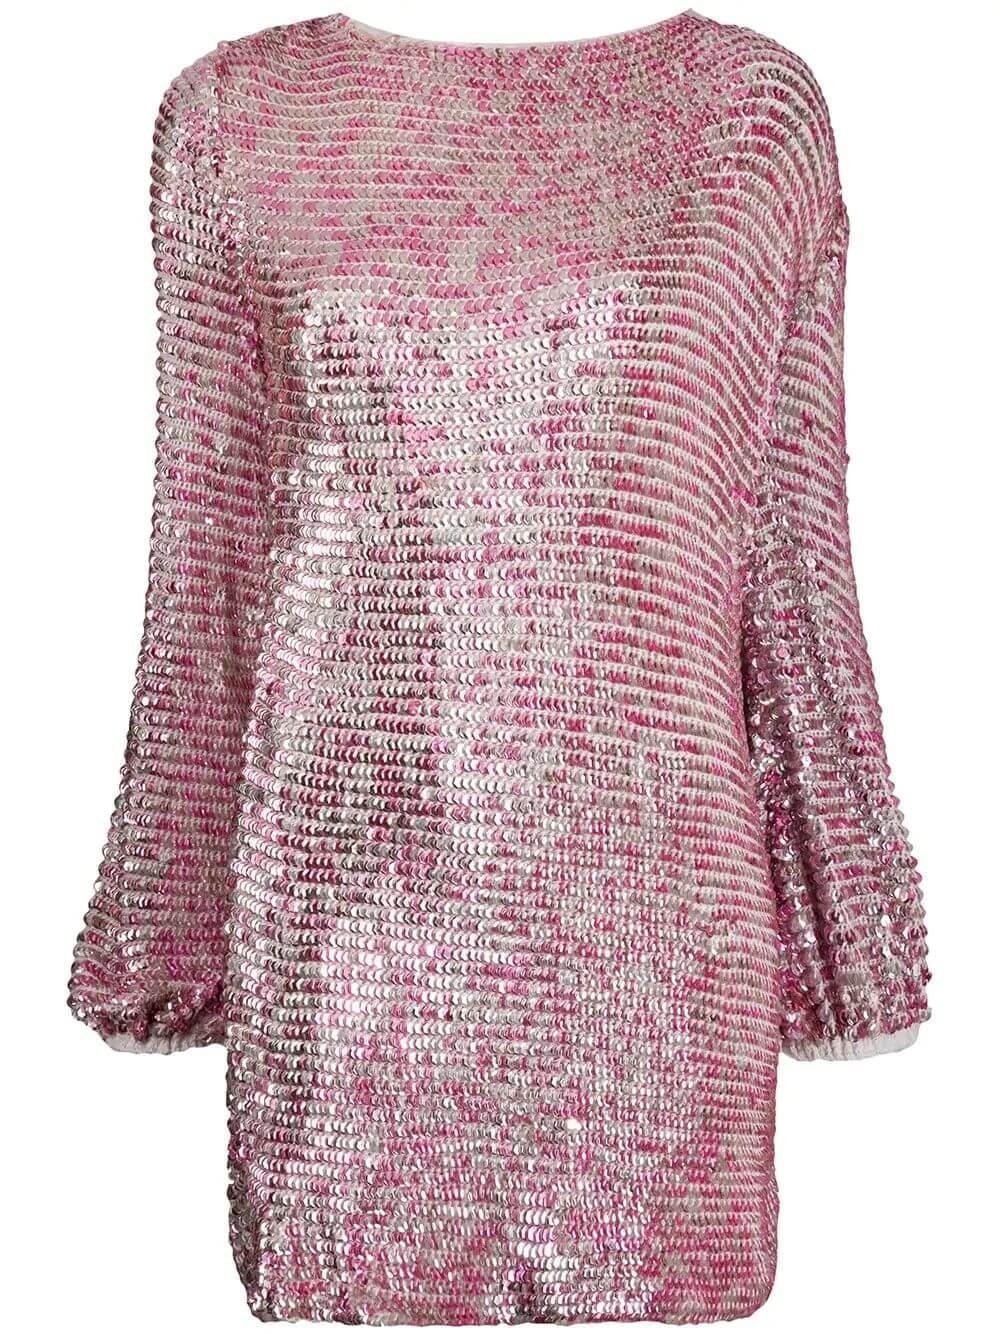 Tara Sequin Mini Dress